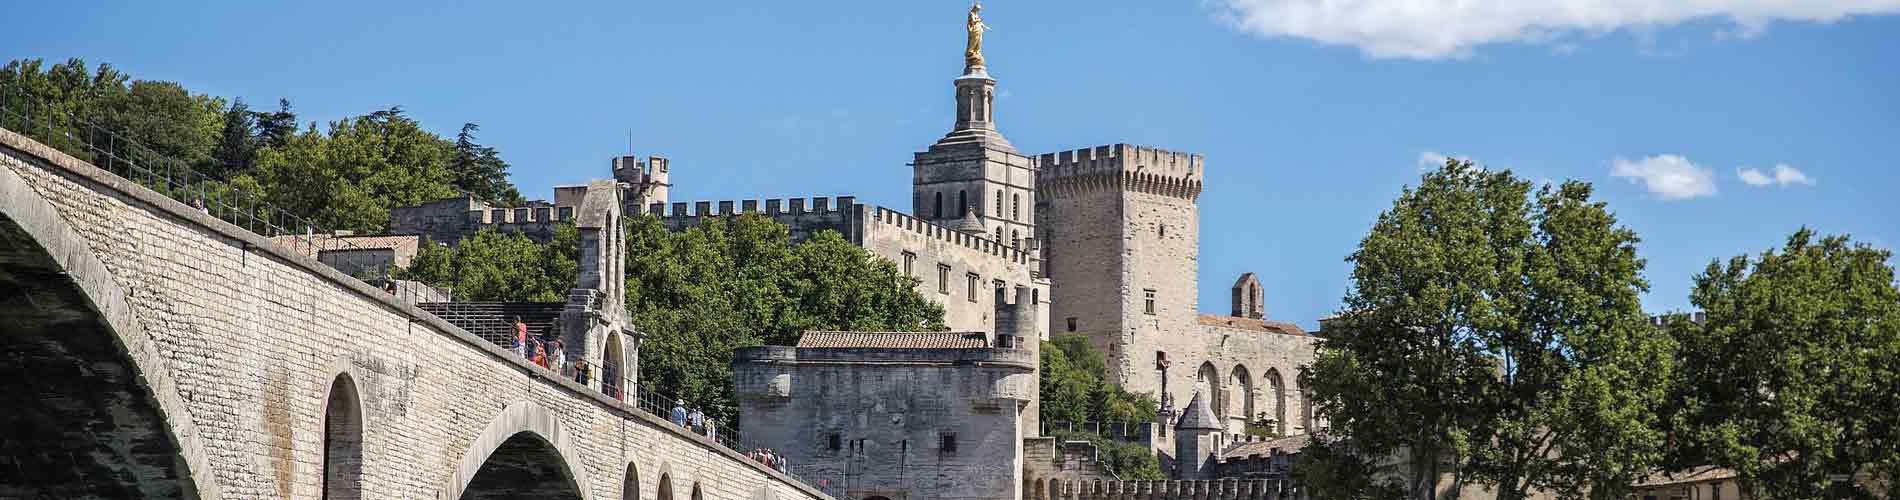 Blog_EuropeanCapitalCulture_Avignon_1900x500_Q120